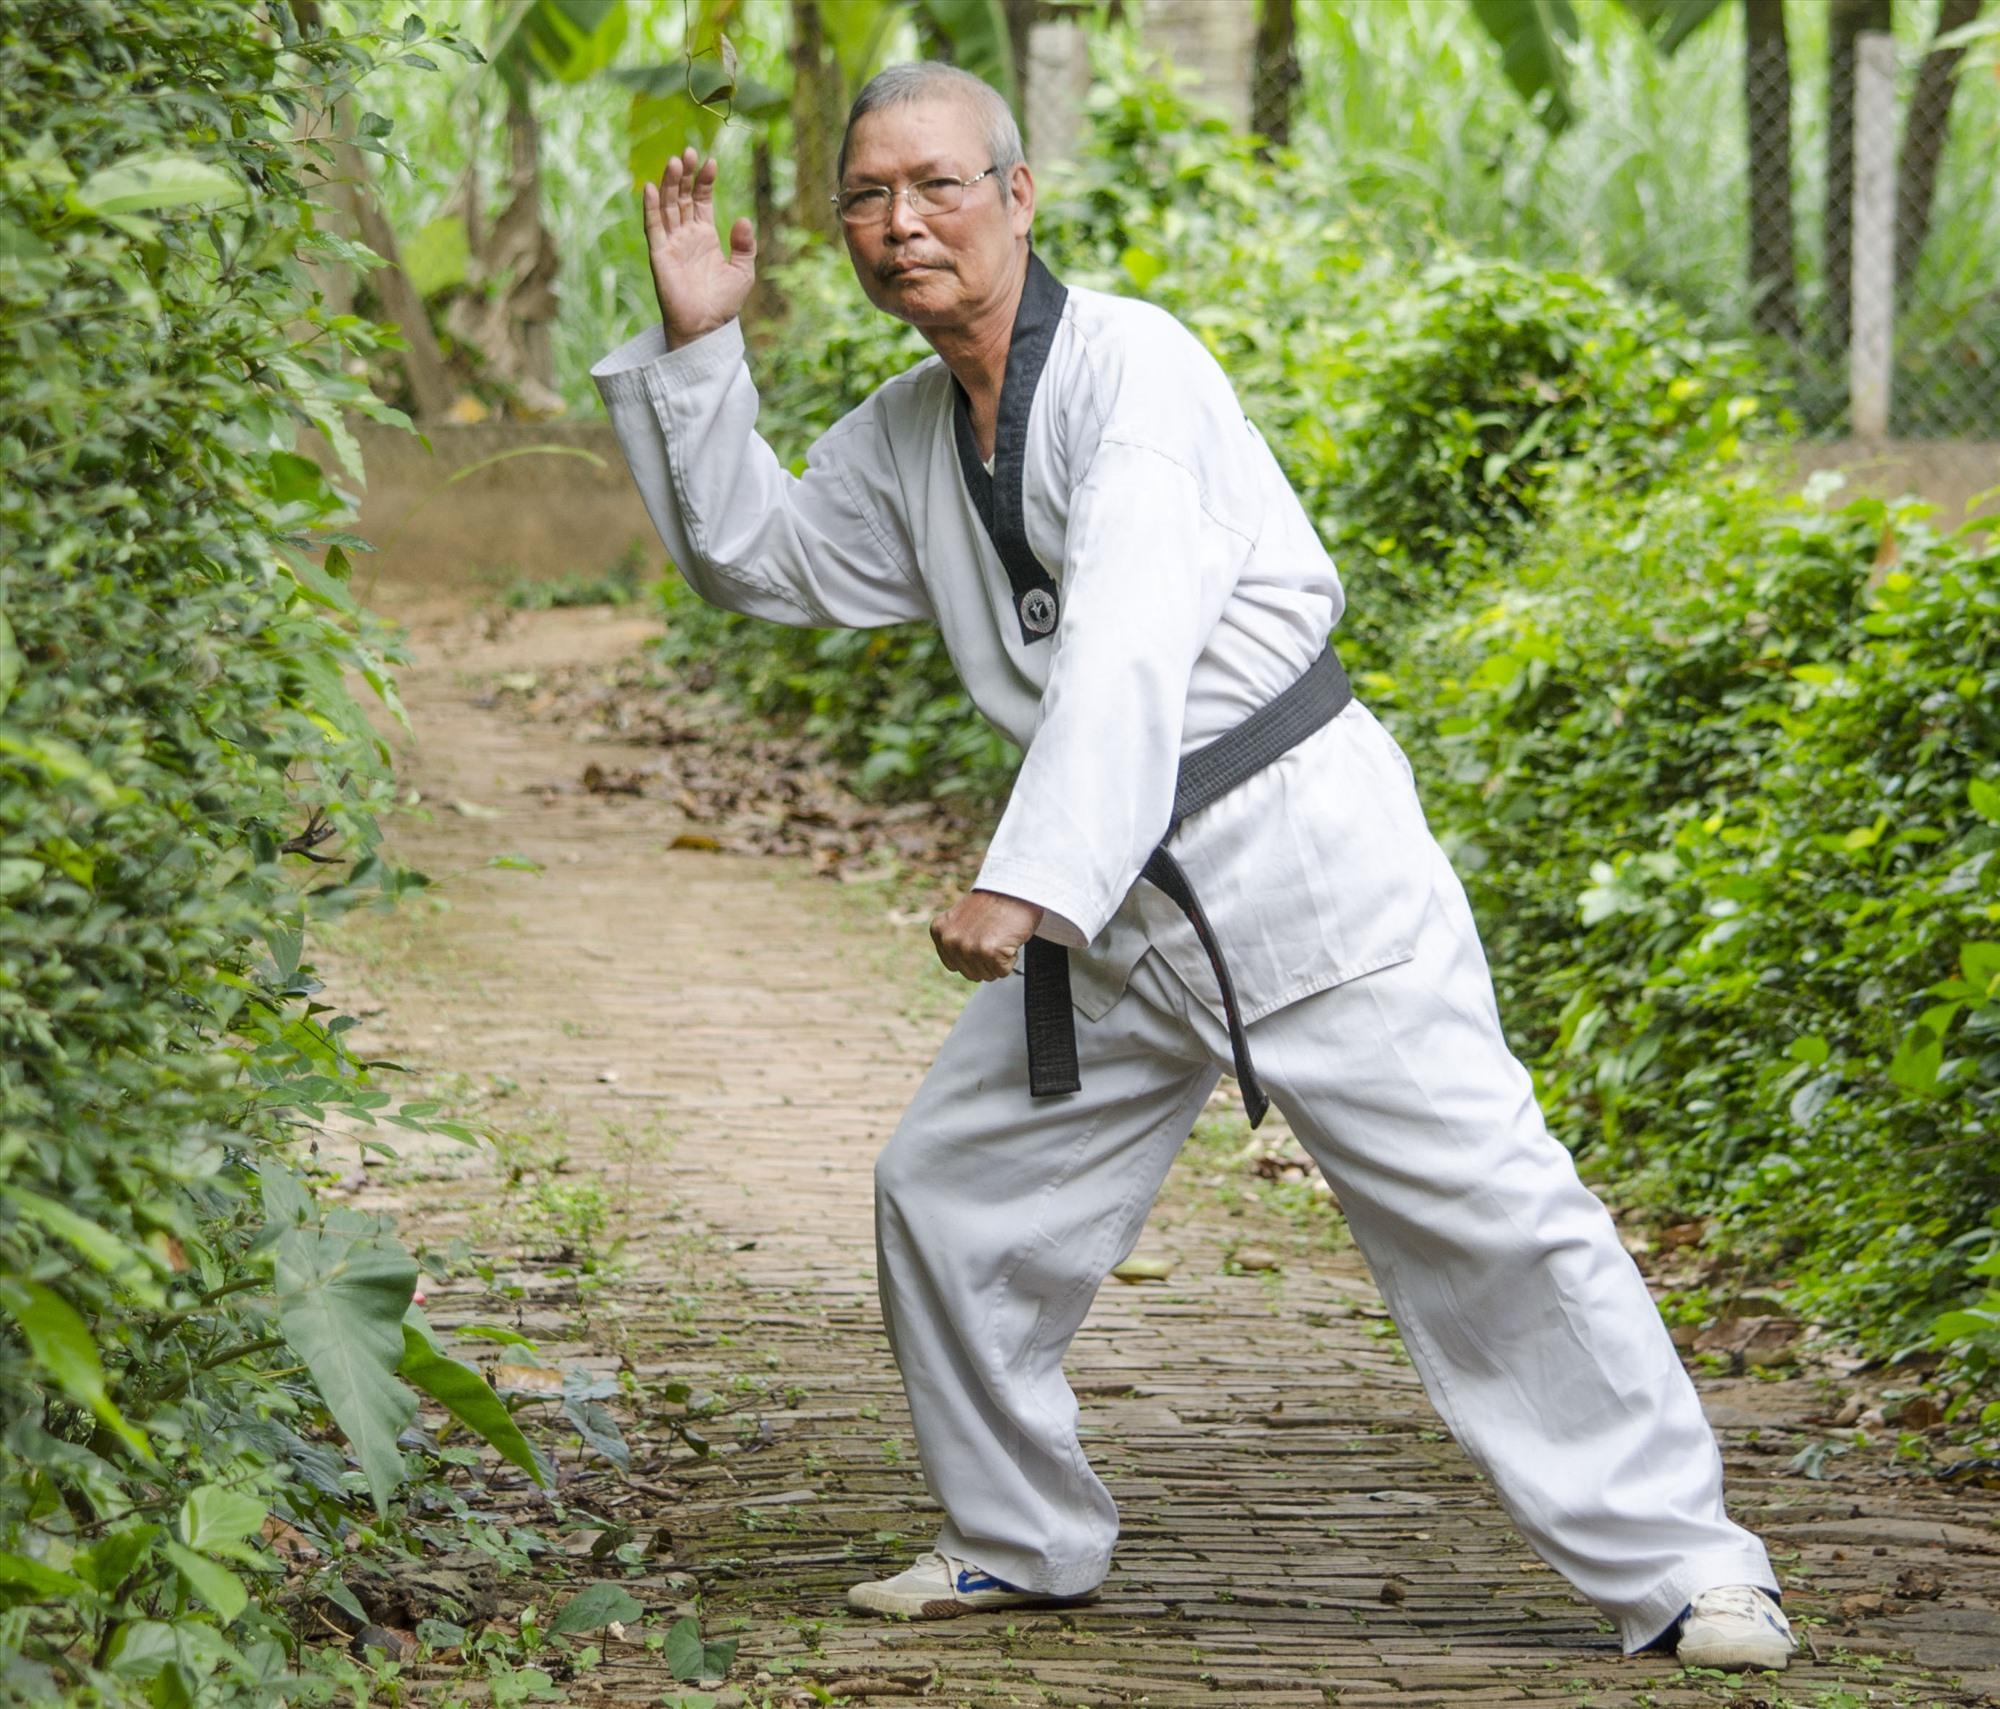 Võ sư Trần Thống chia sẻ vài đòn thế tránh né và tìm vũ khí đánh trả hổ. Ảnh: L.V.C